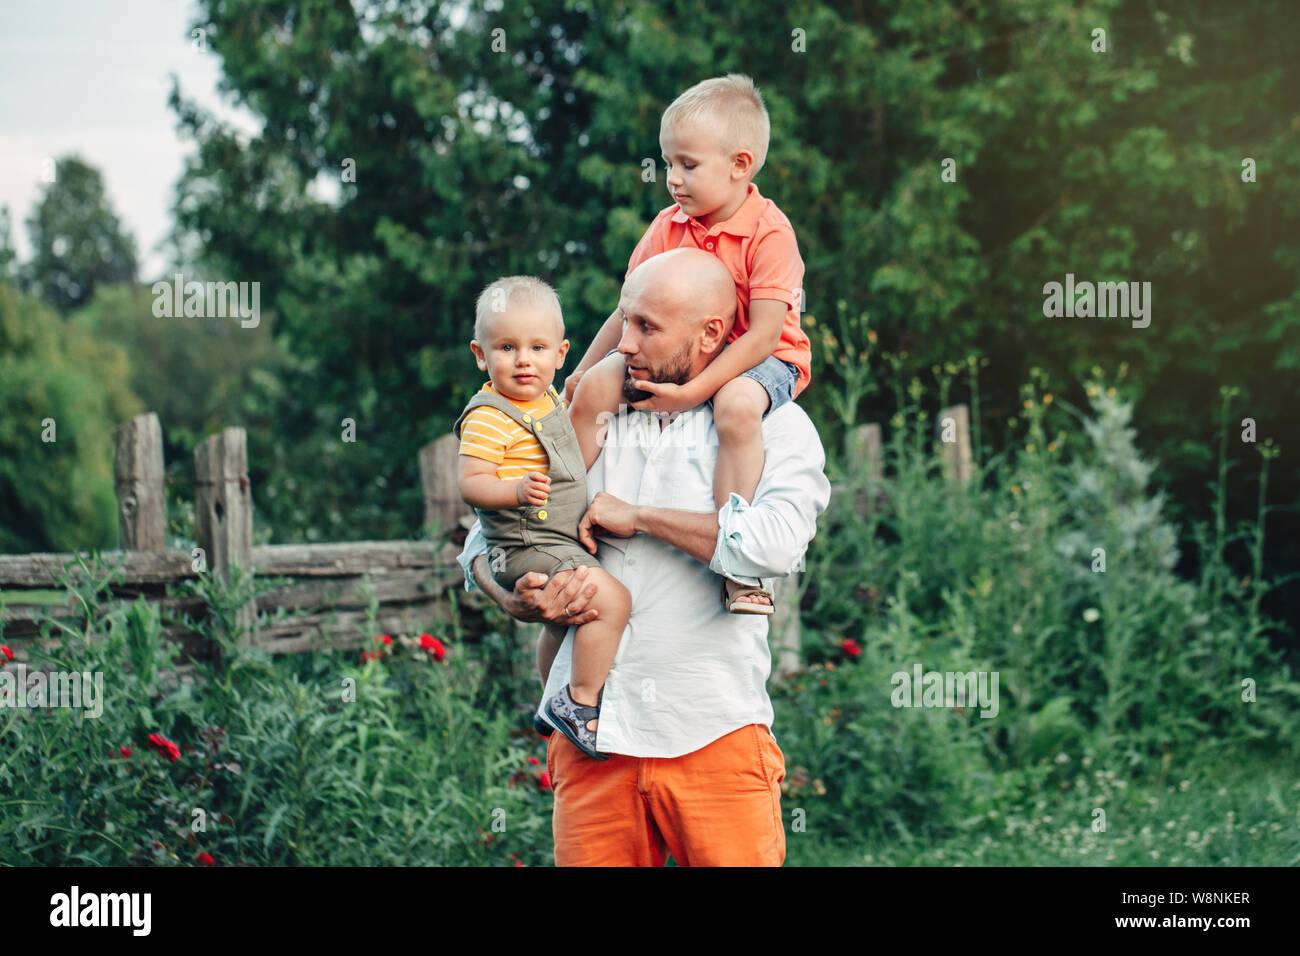 Padre caucasica abbracciando la riproduzione con figli i ragazzi nel parco sulla giornata d'estate. Papà tenendo il trasporto di bambini i bambini. Un autentico stile di vita toccante momento di gara. Foto Stock